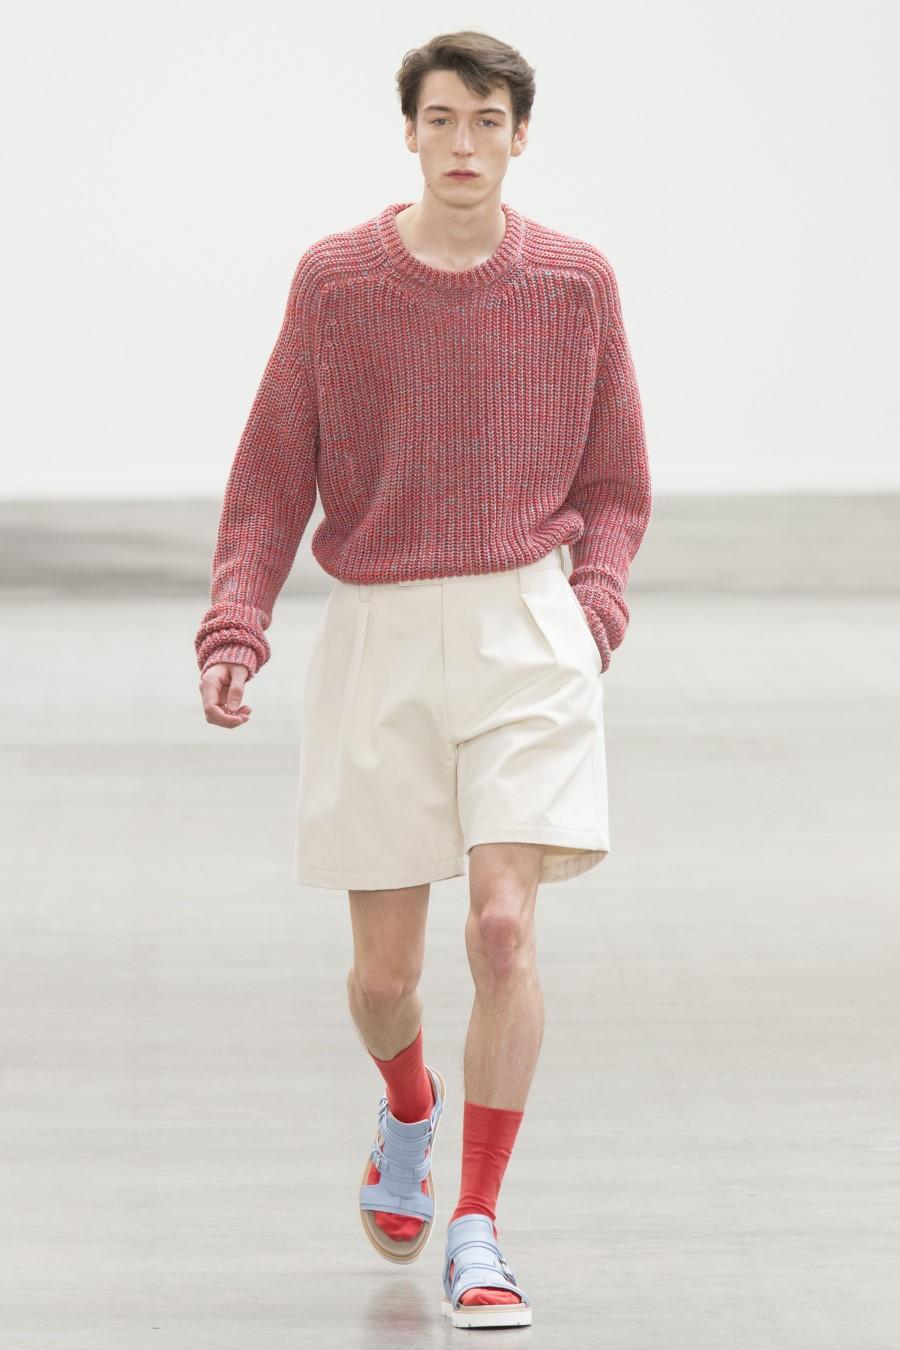 E. Tautz – Printemps/Été 2020 – London Fashion Week Men's